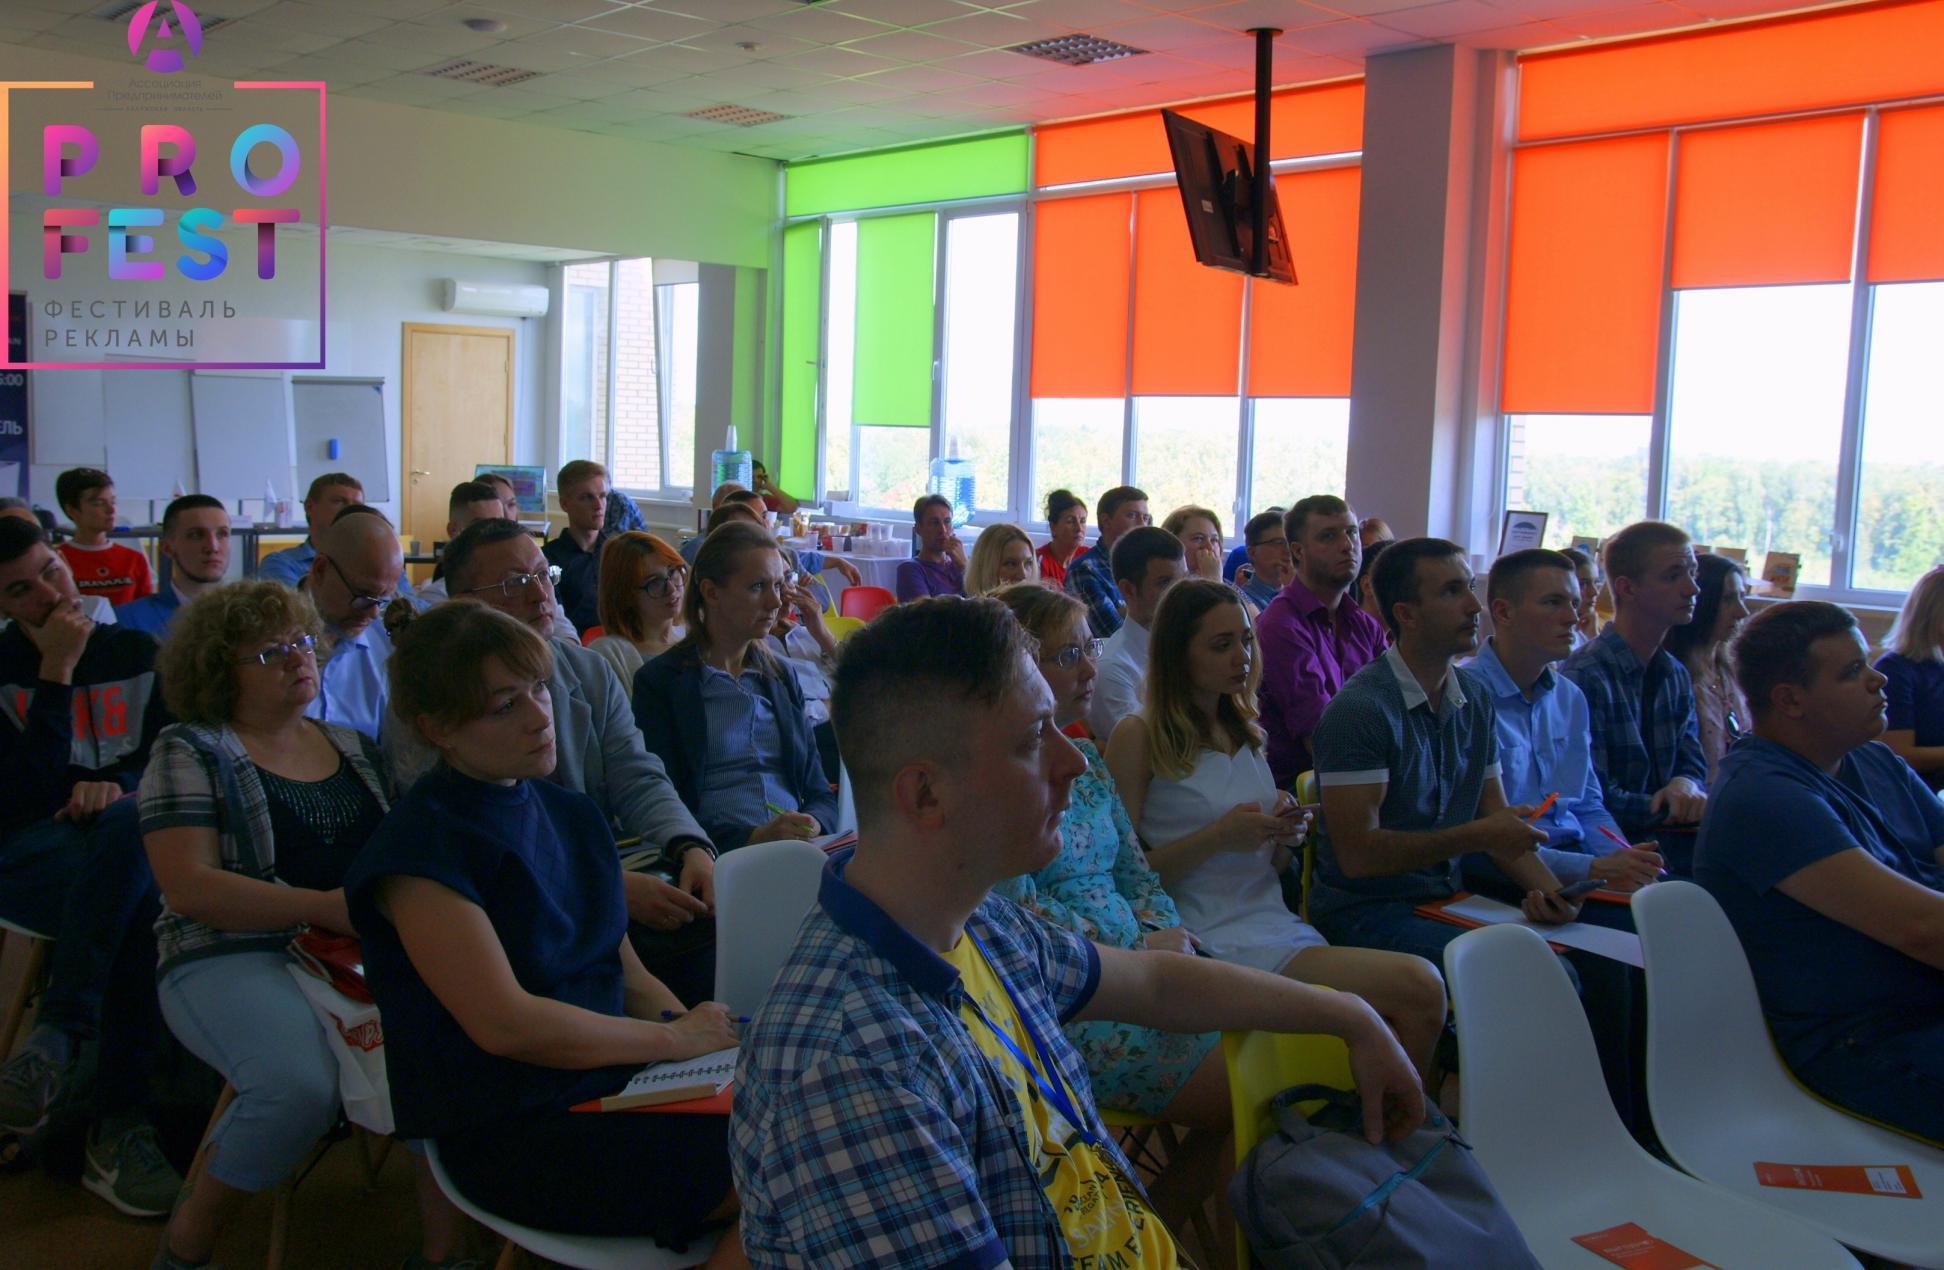 В Обнинске прошёл фестиваль рекламы